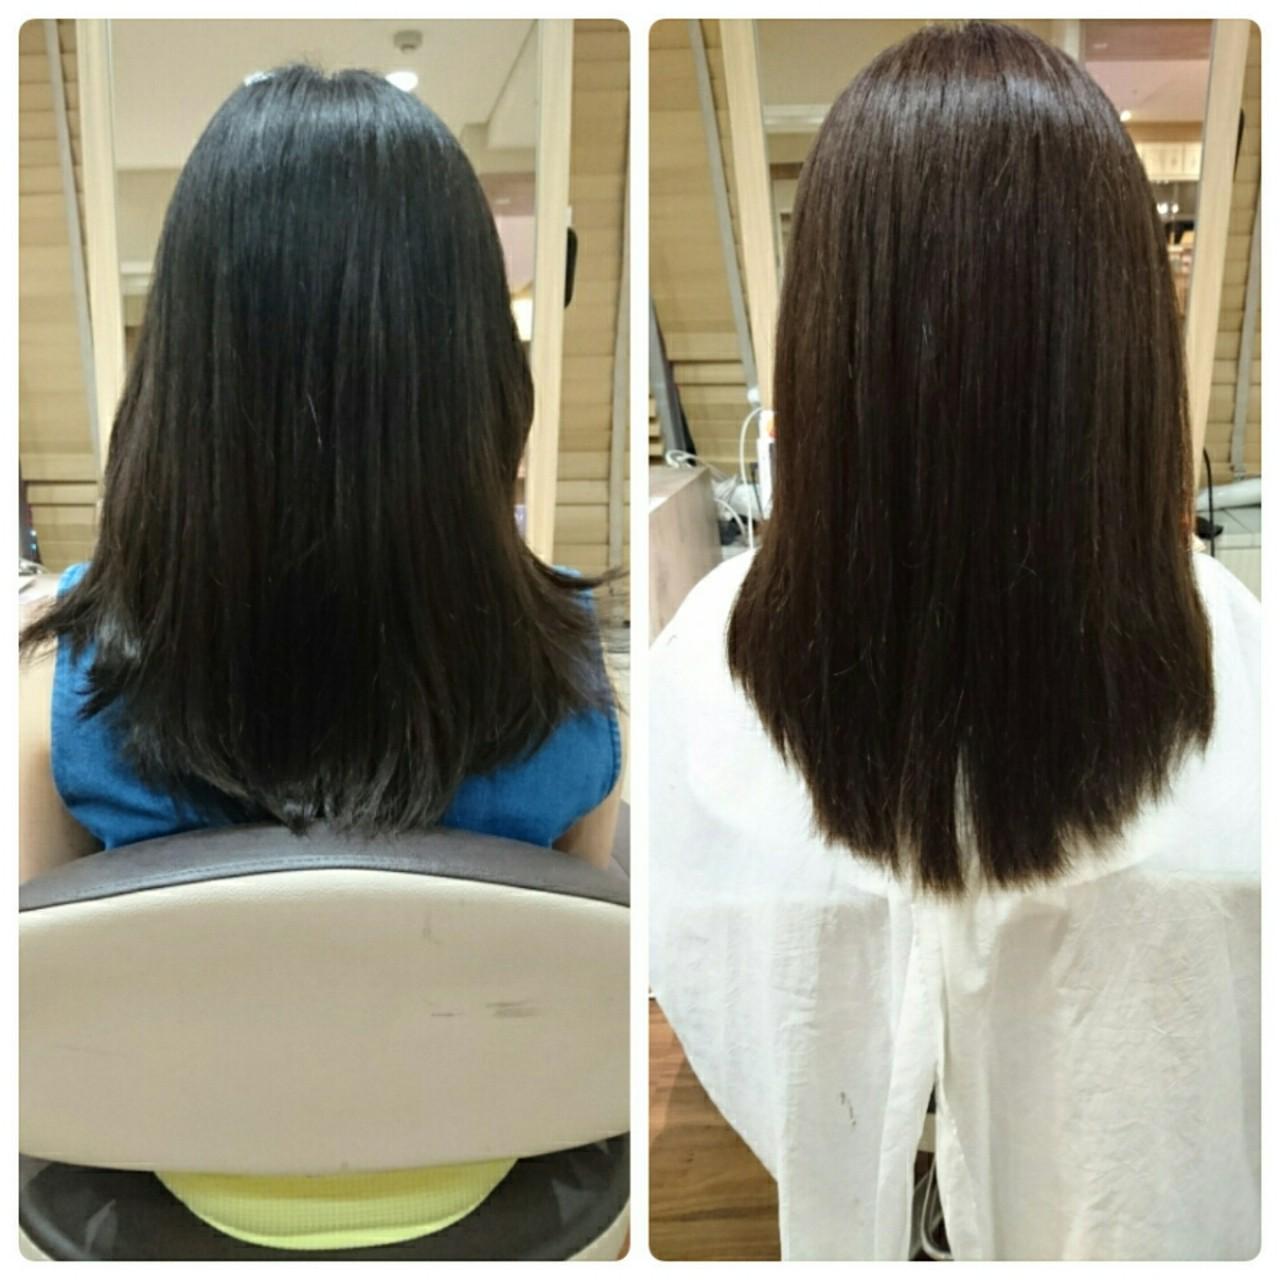 縮毛矯正 セミロング ナチュラル 大人かわいい ヘアスタイルや髪型の写真・画像